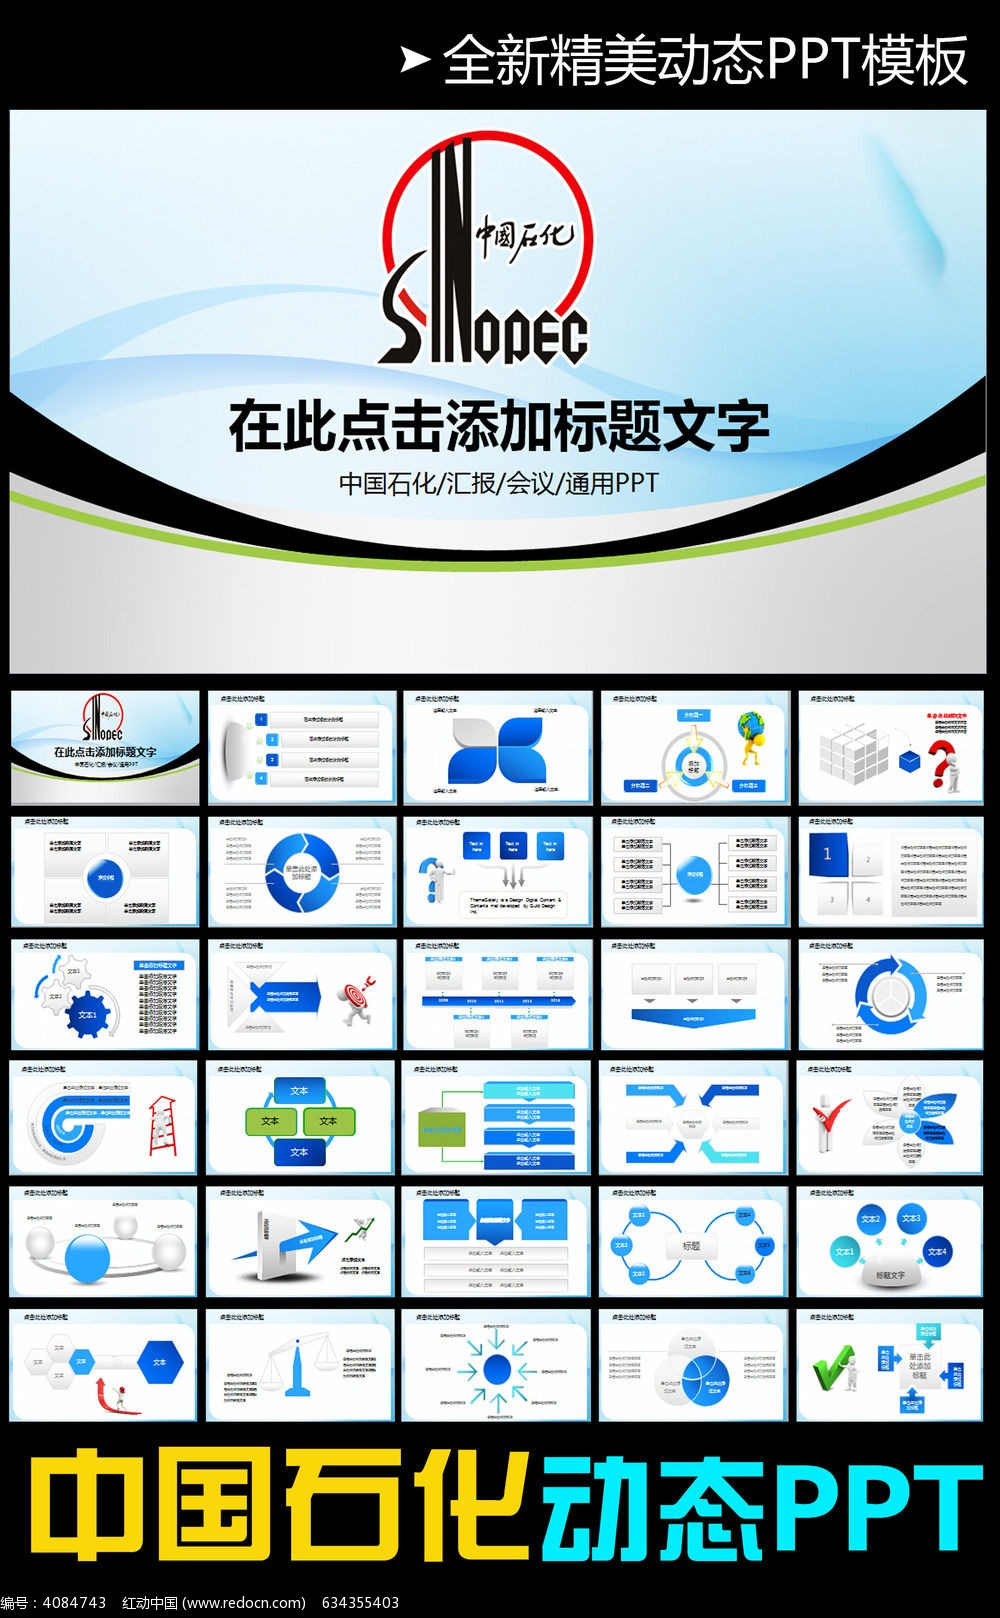 中石化ppt模板图片